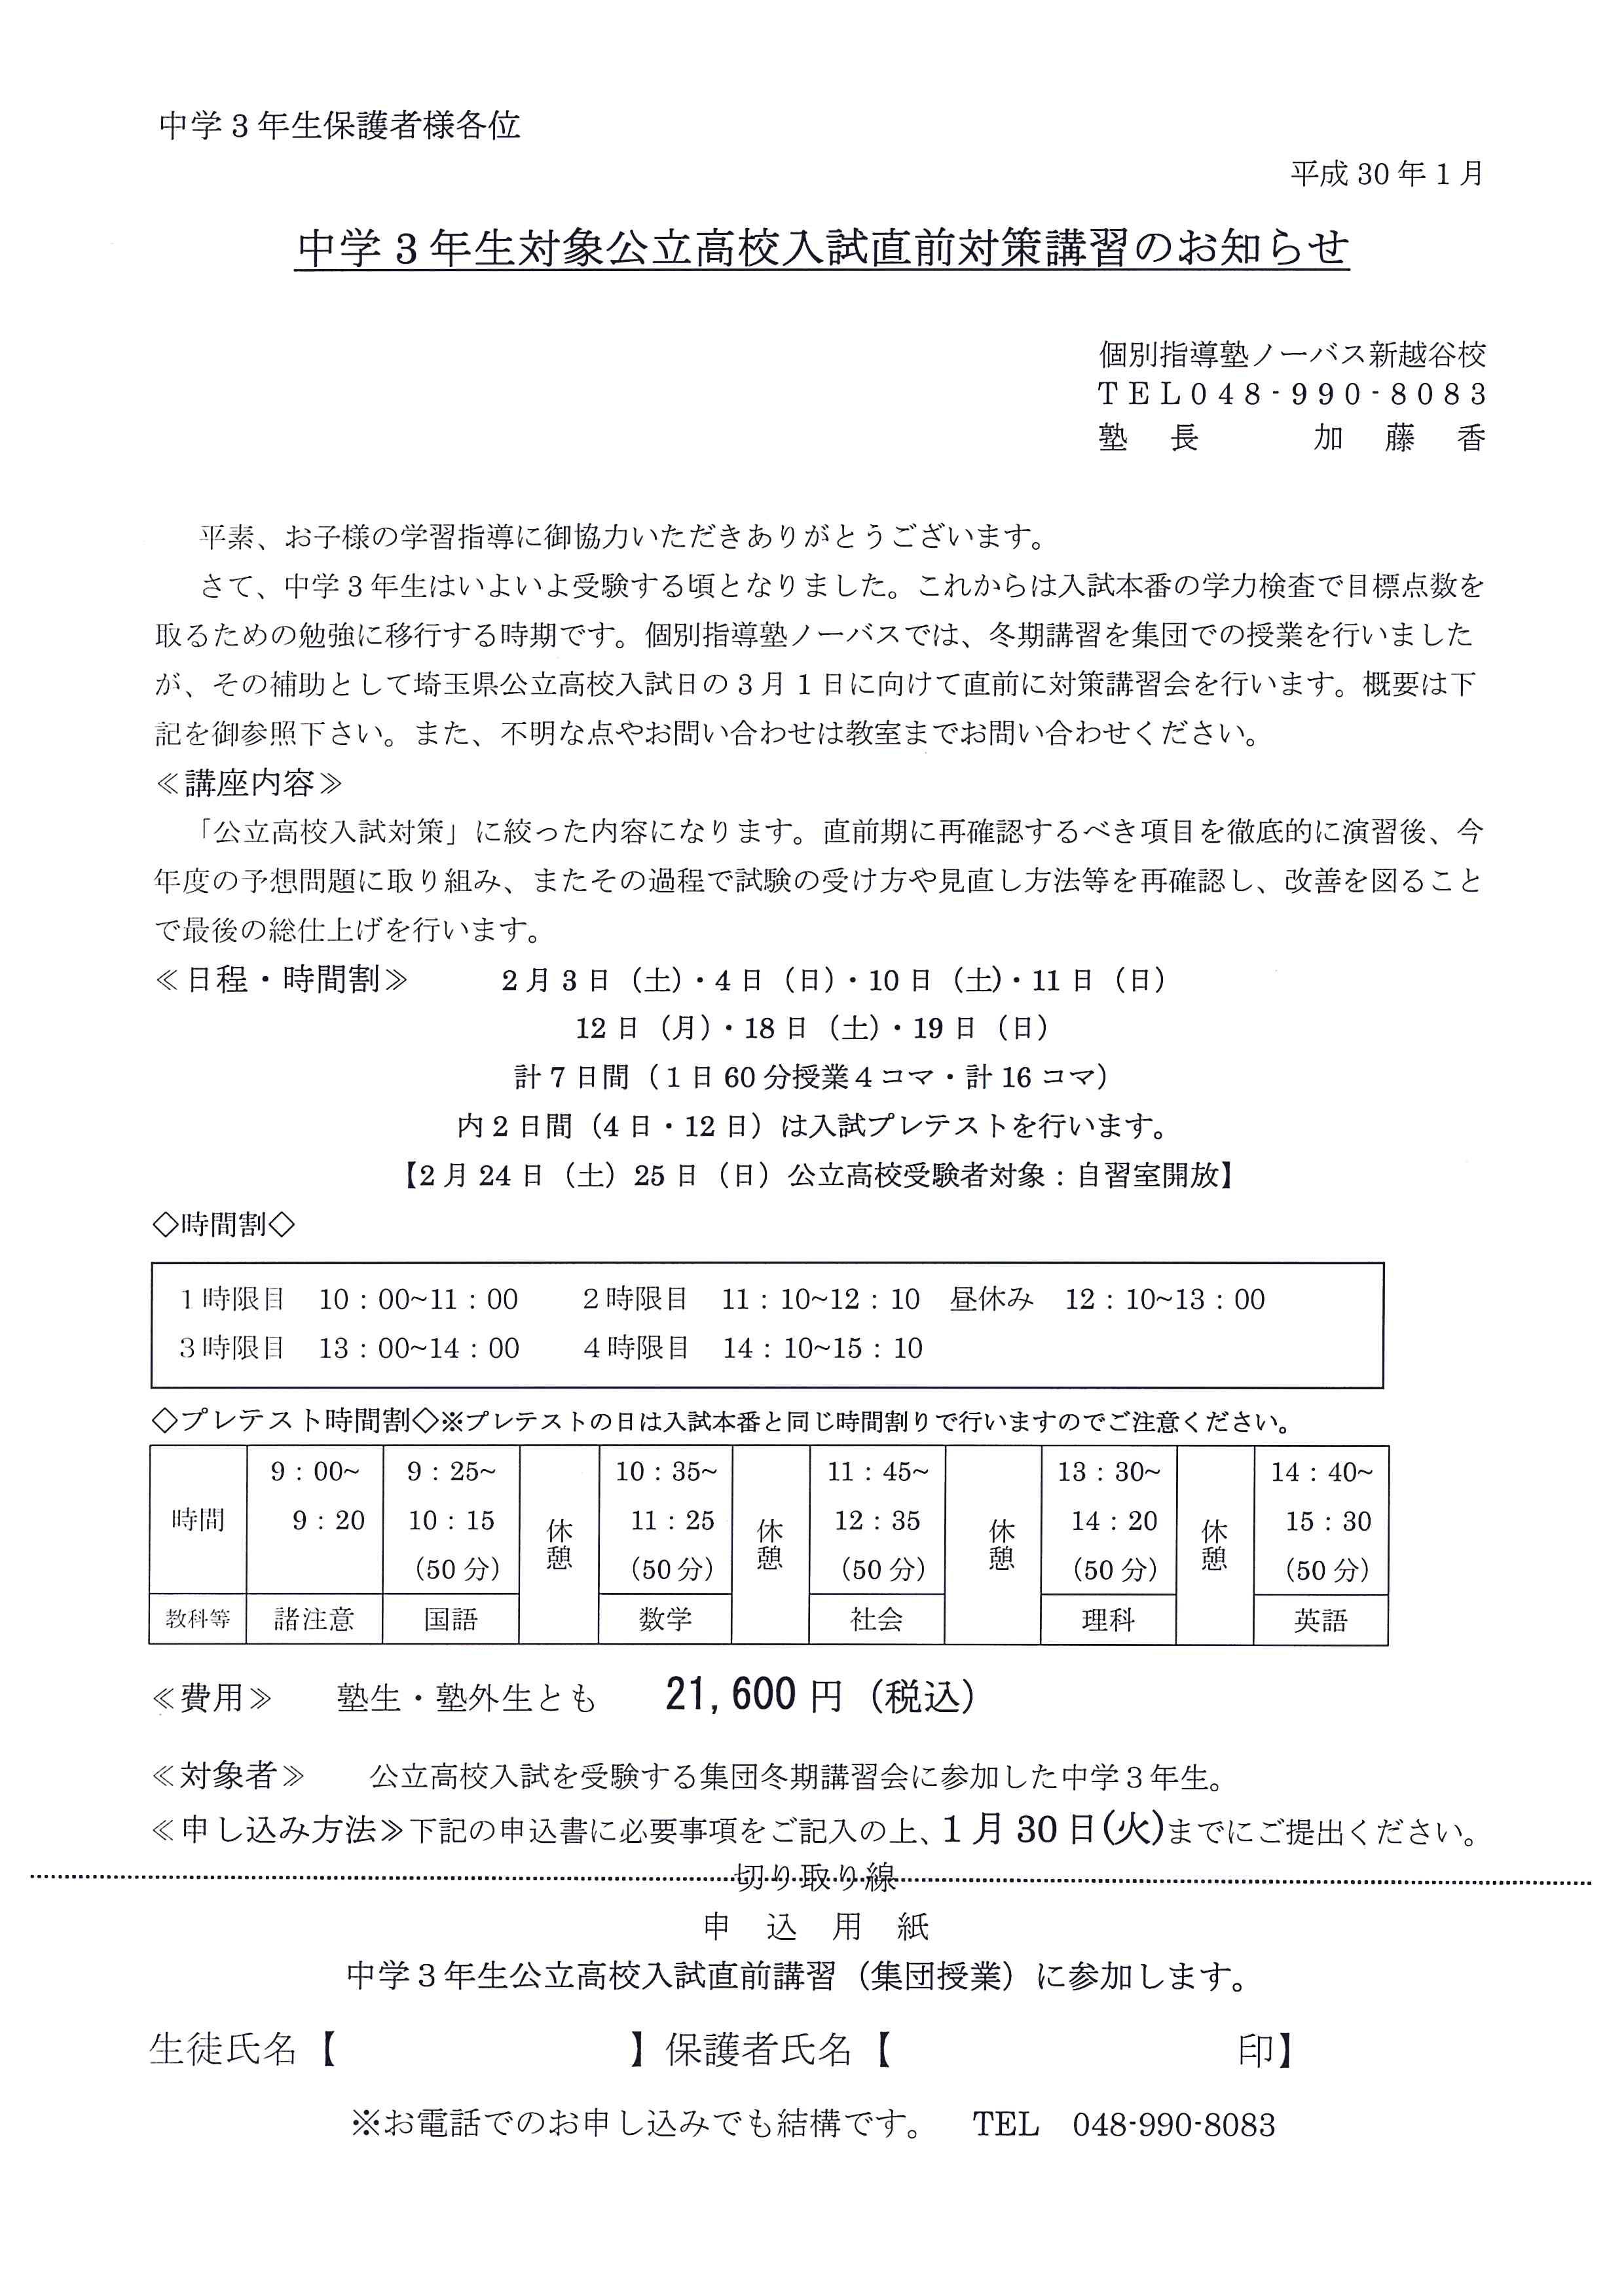 中学3年生対象 【公立高校入試直前対策講習会のご案内】